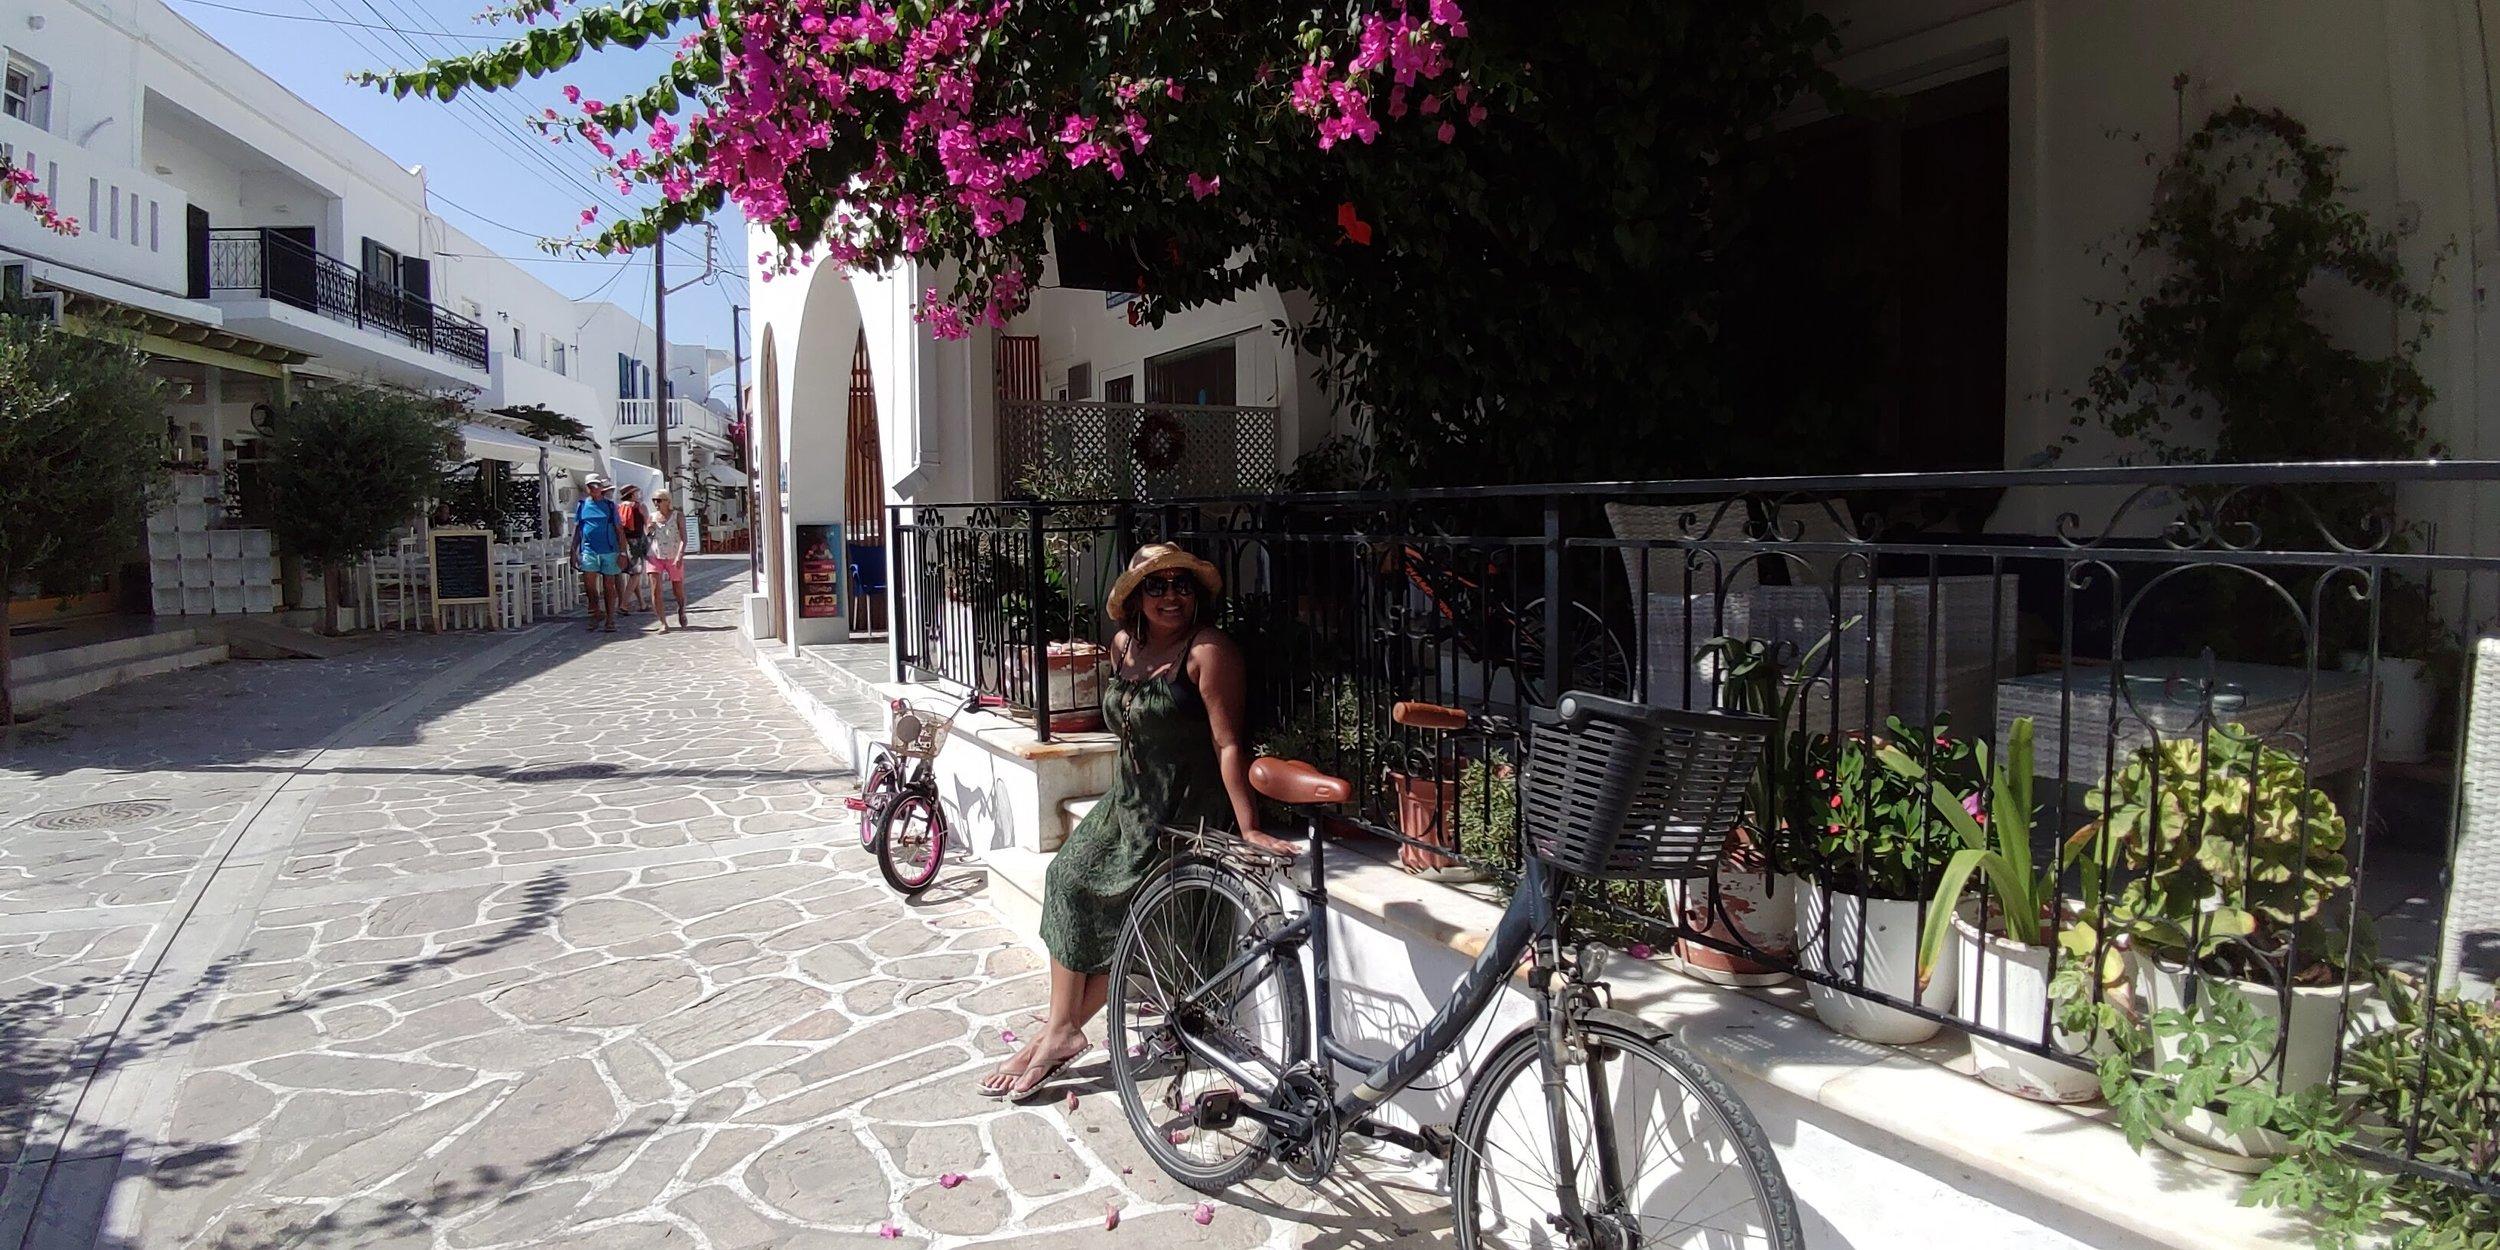 At Antiparos_Greece.jpg